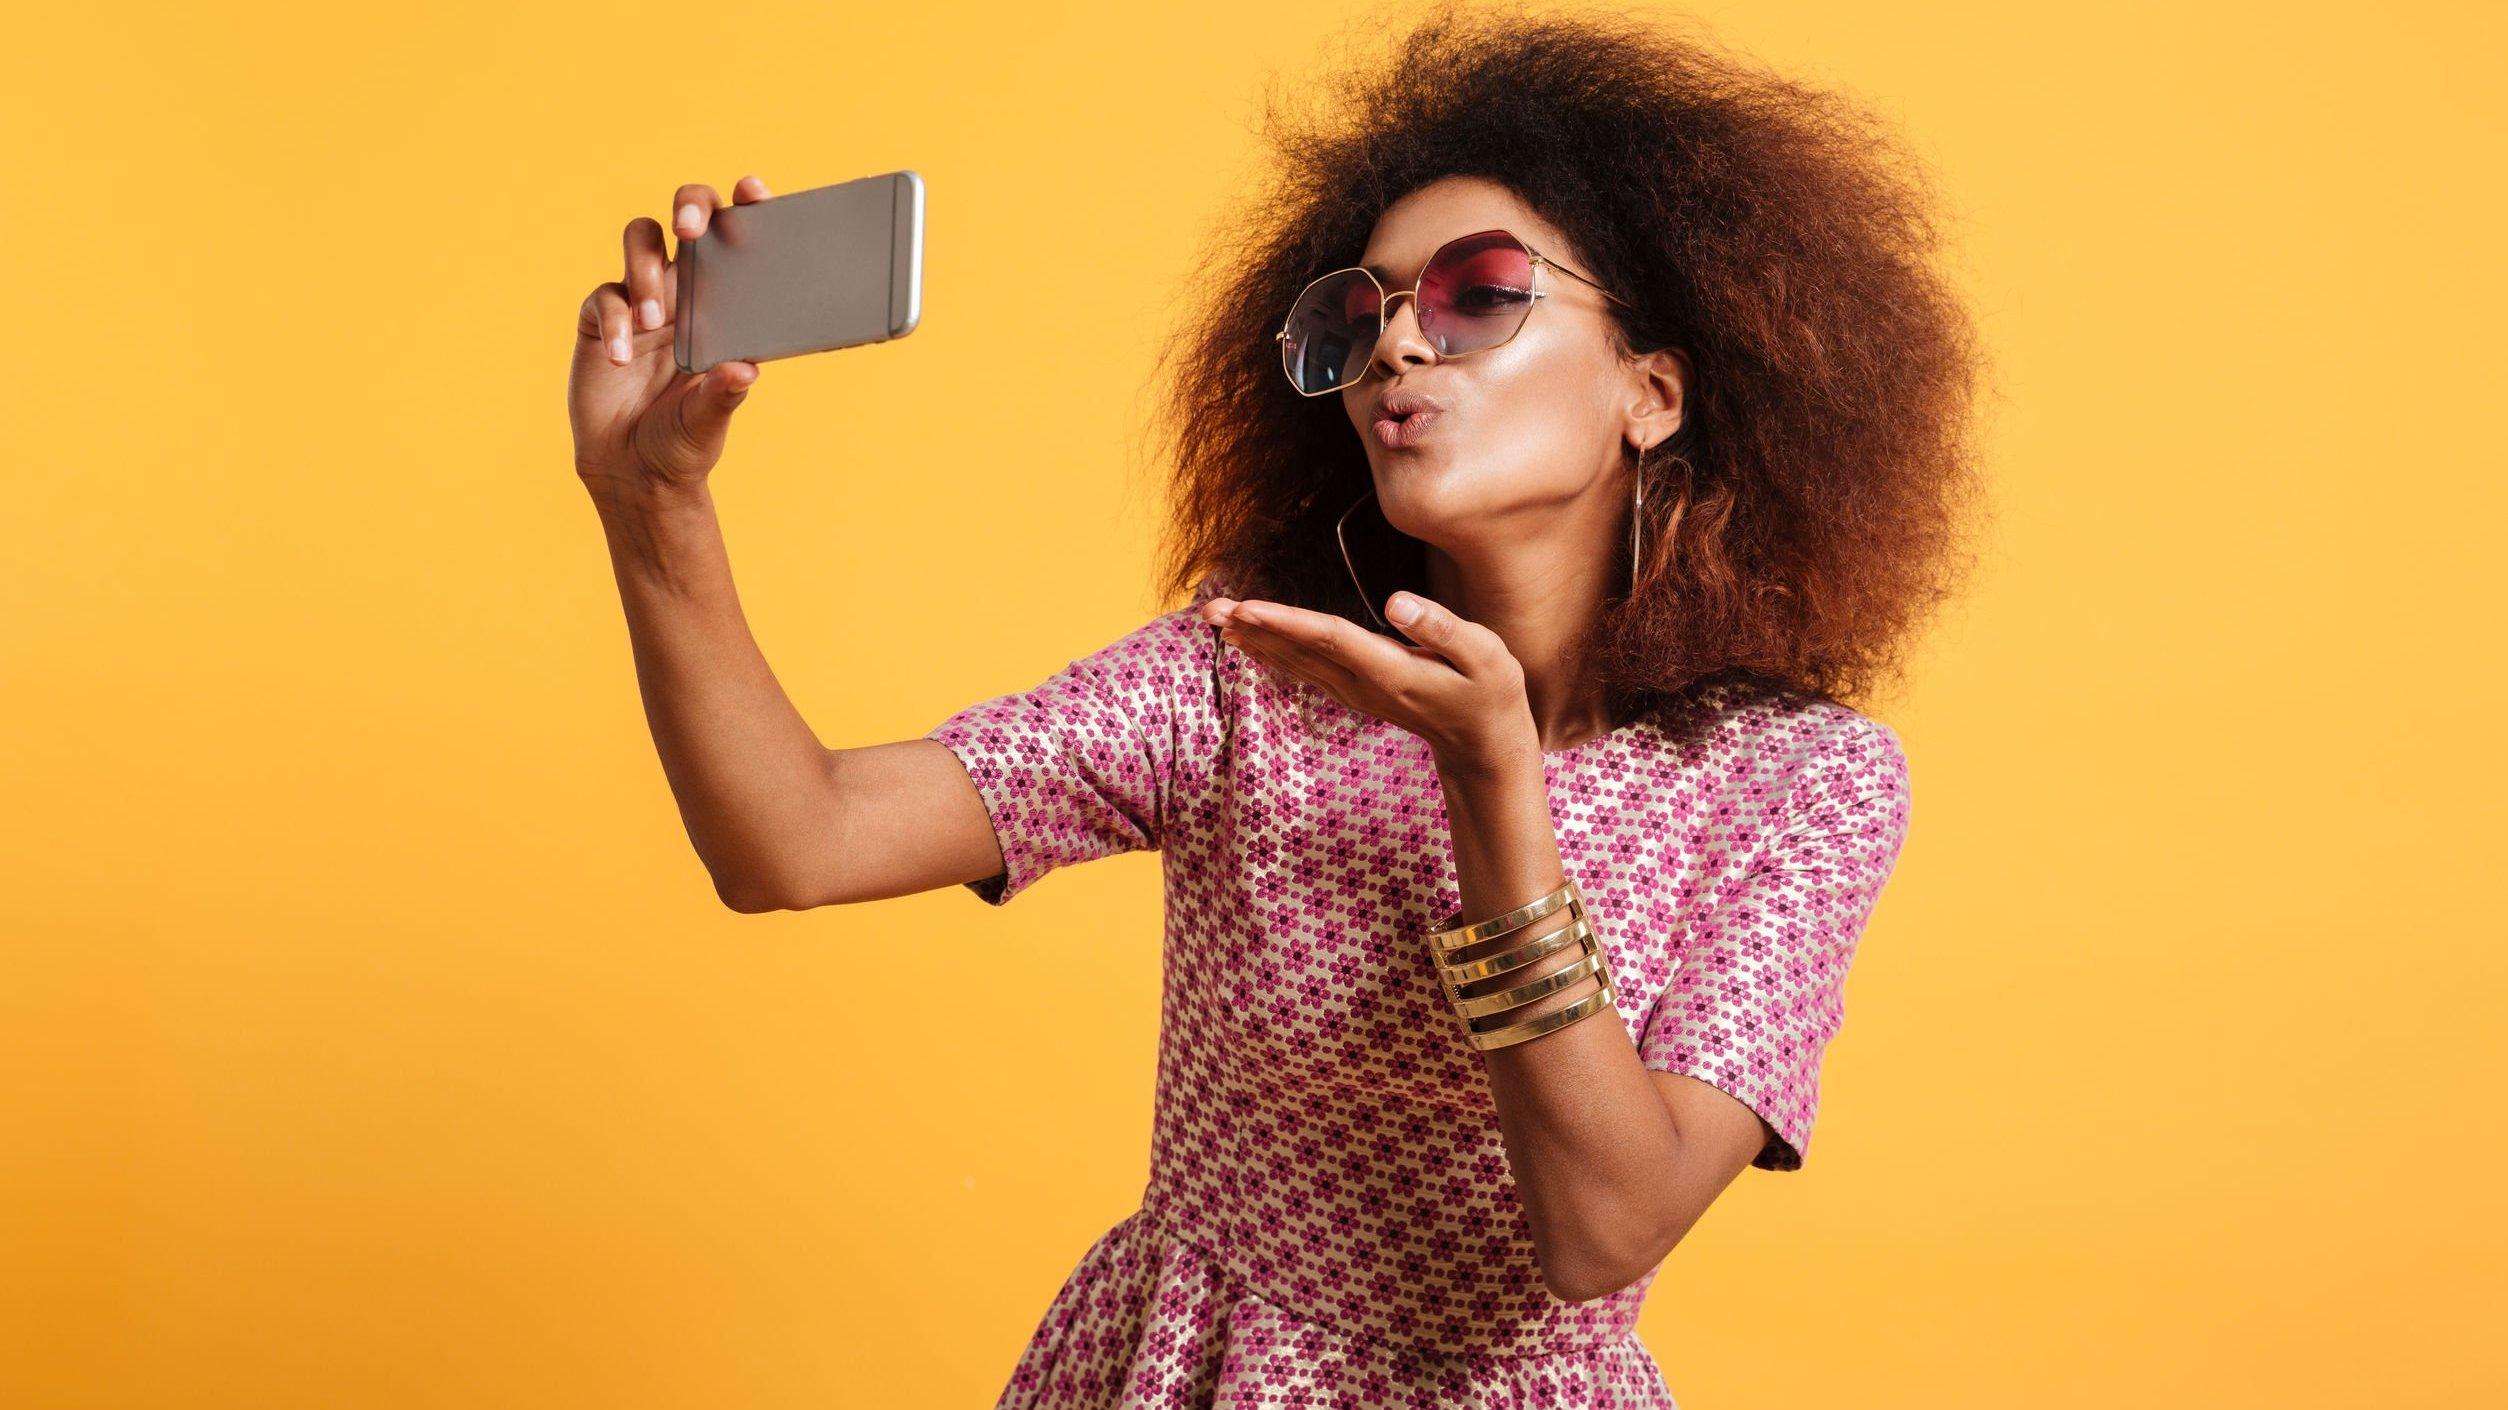 Mulher fotografando a si mesma em um cenário amarelo.